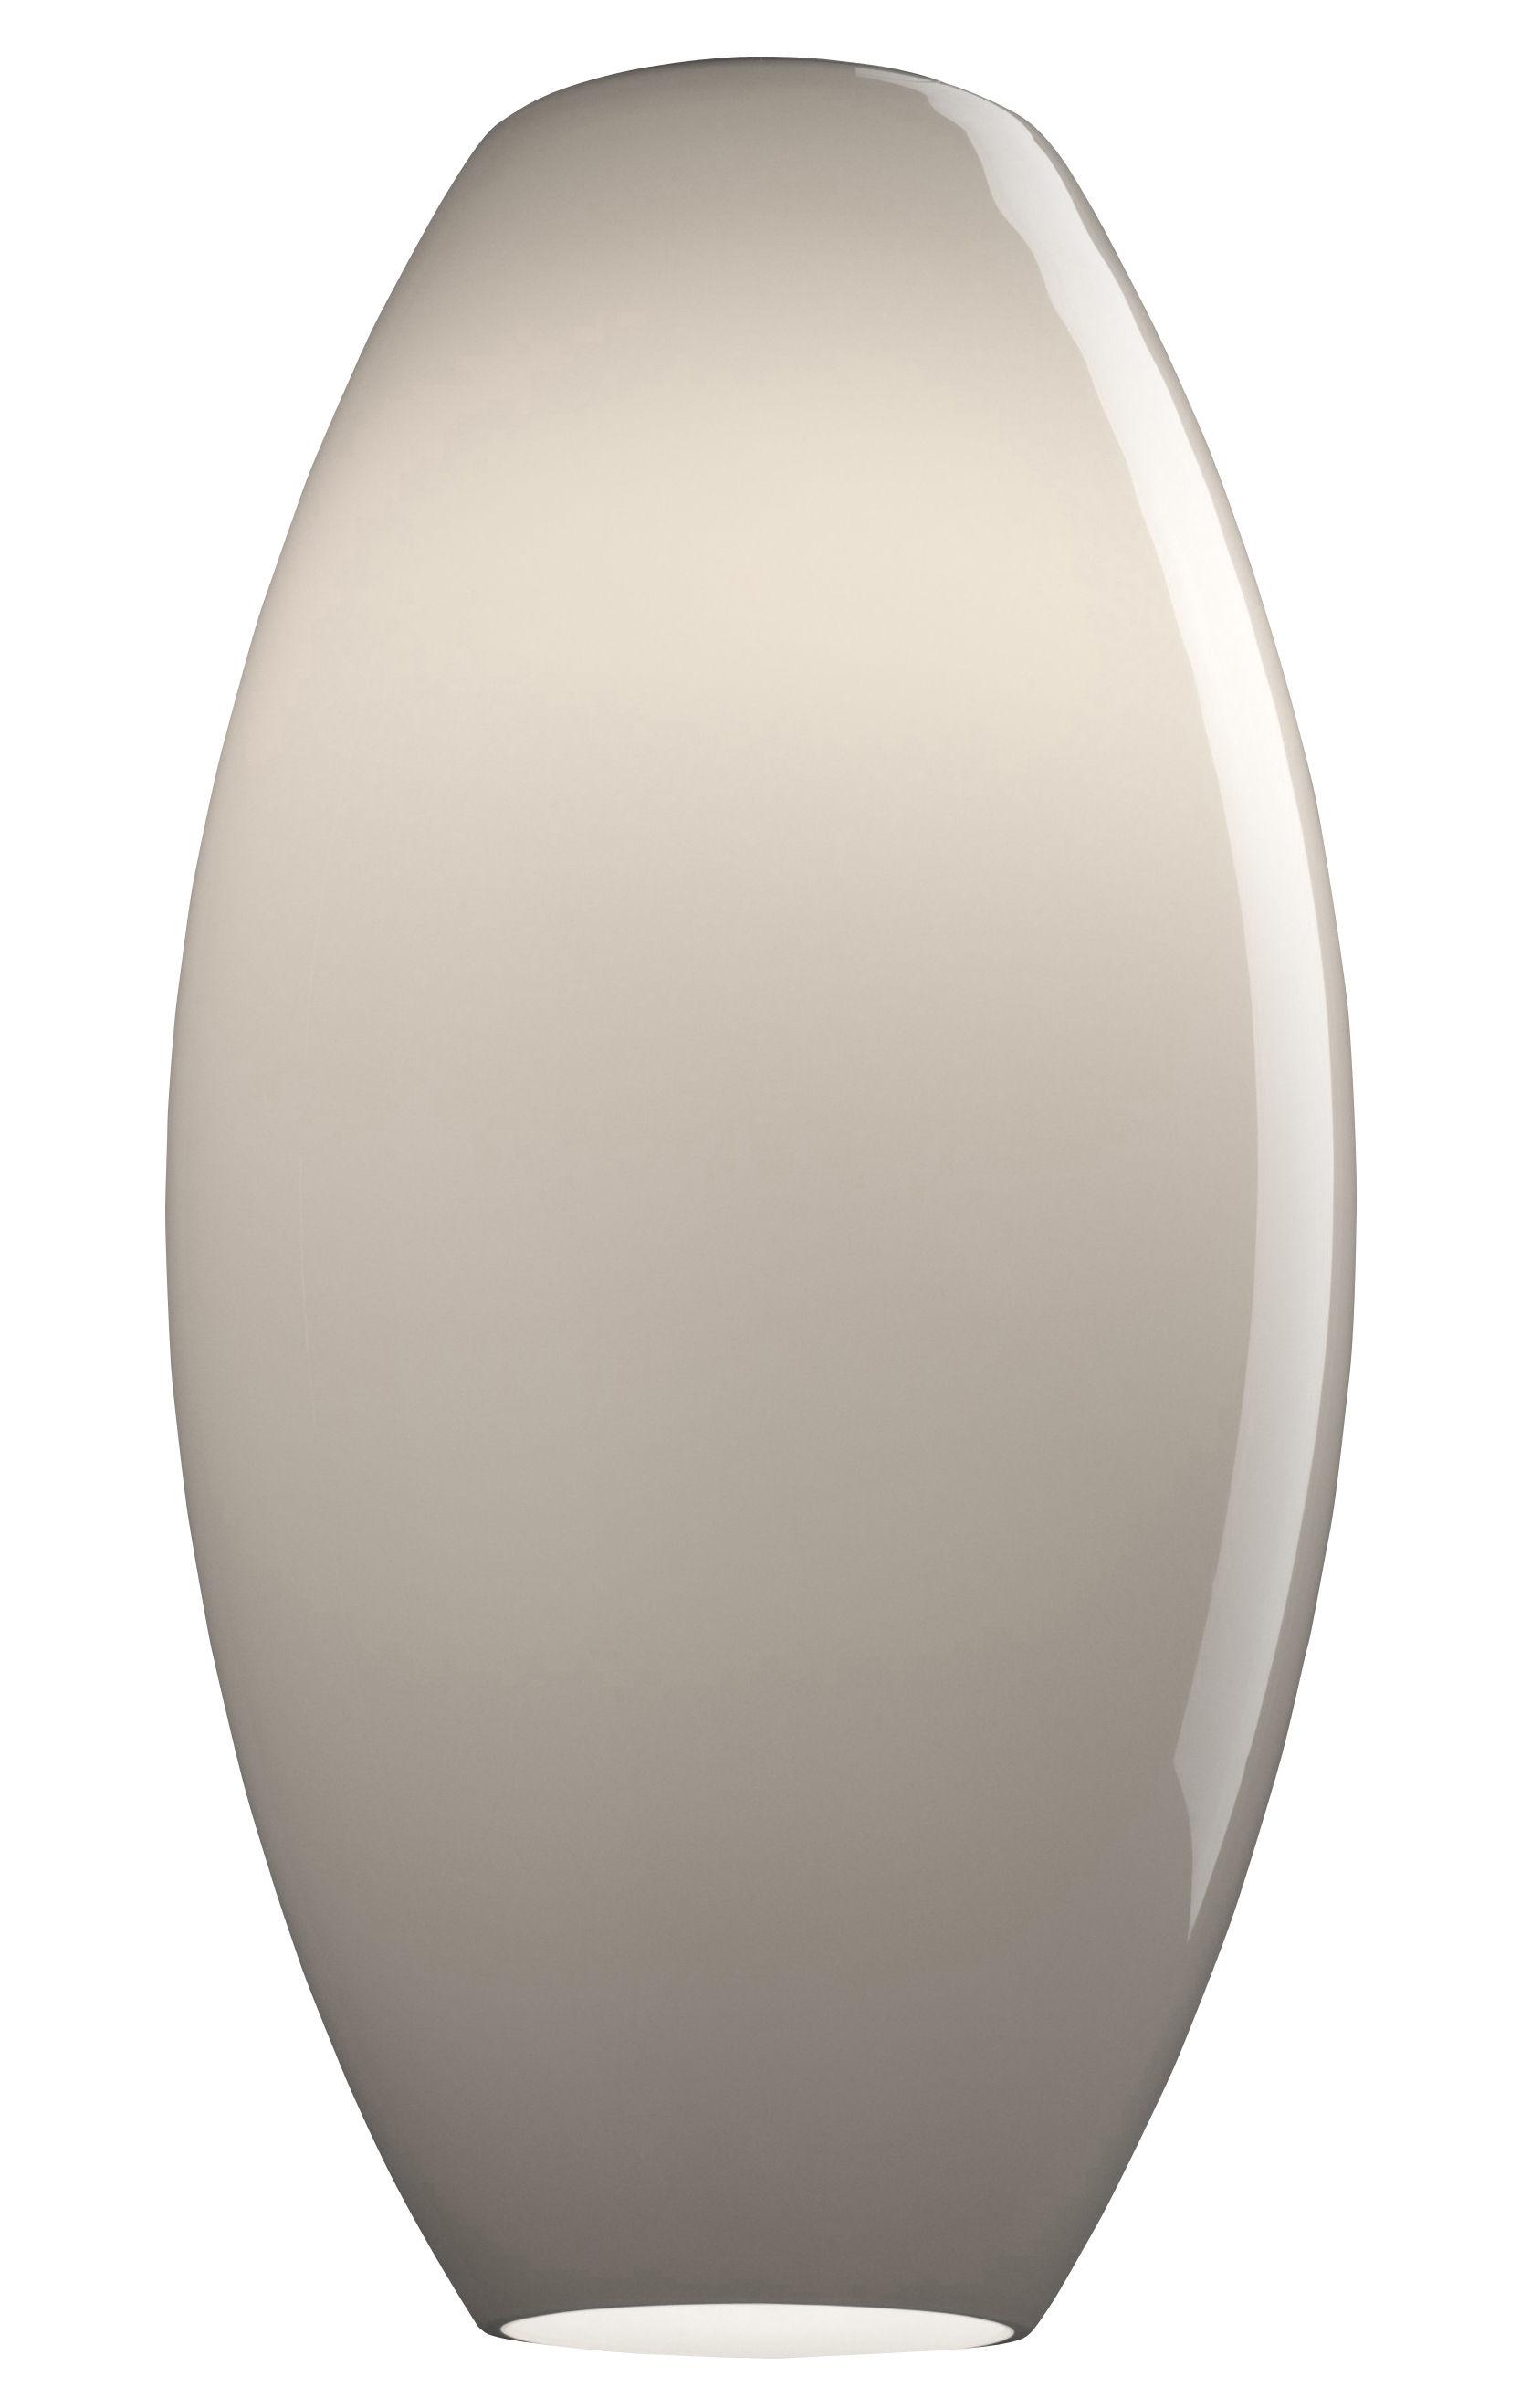 Leuchten - Pendelleuchten - New Buds 1 Pendelleuchte - Foscarini - Grau - geblasenes Glas